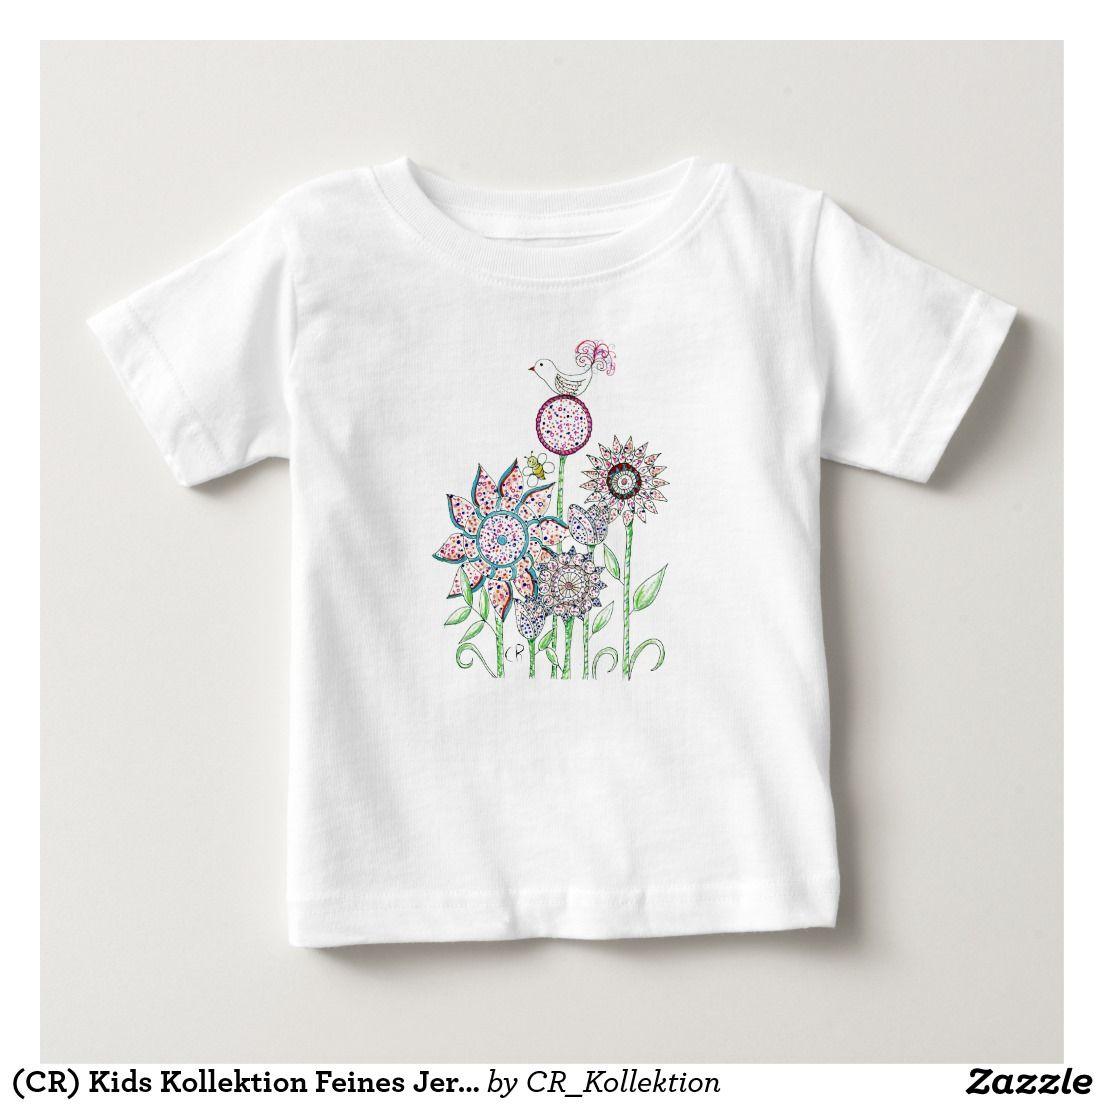 (CR) Kids Kollektion Feines Jersey-Shirt für Babys T Shirt